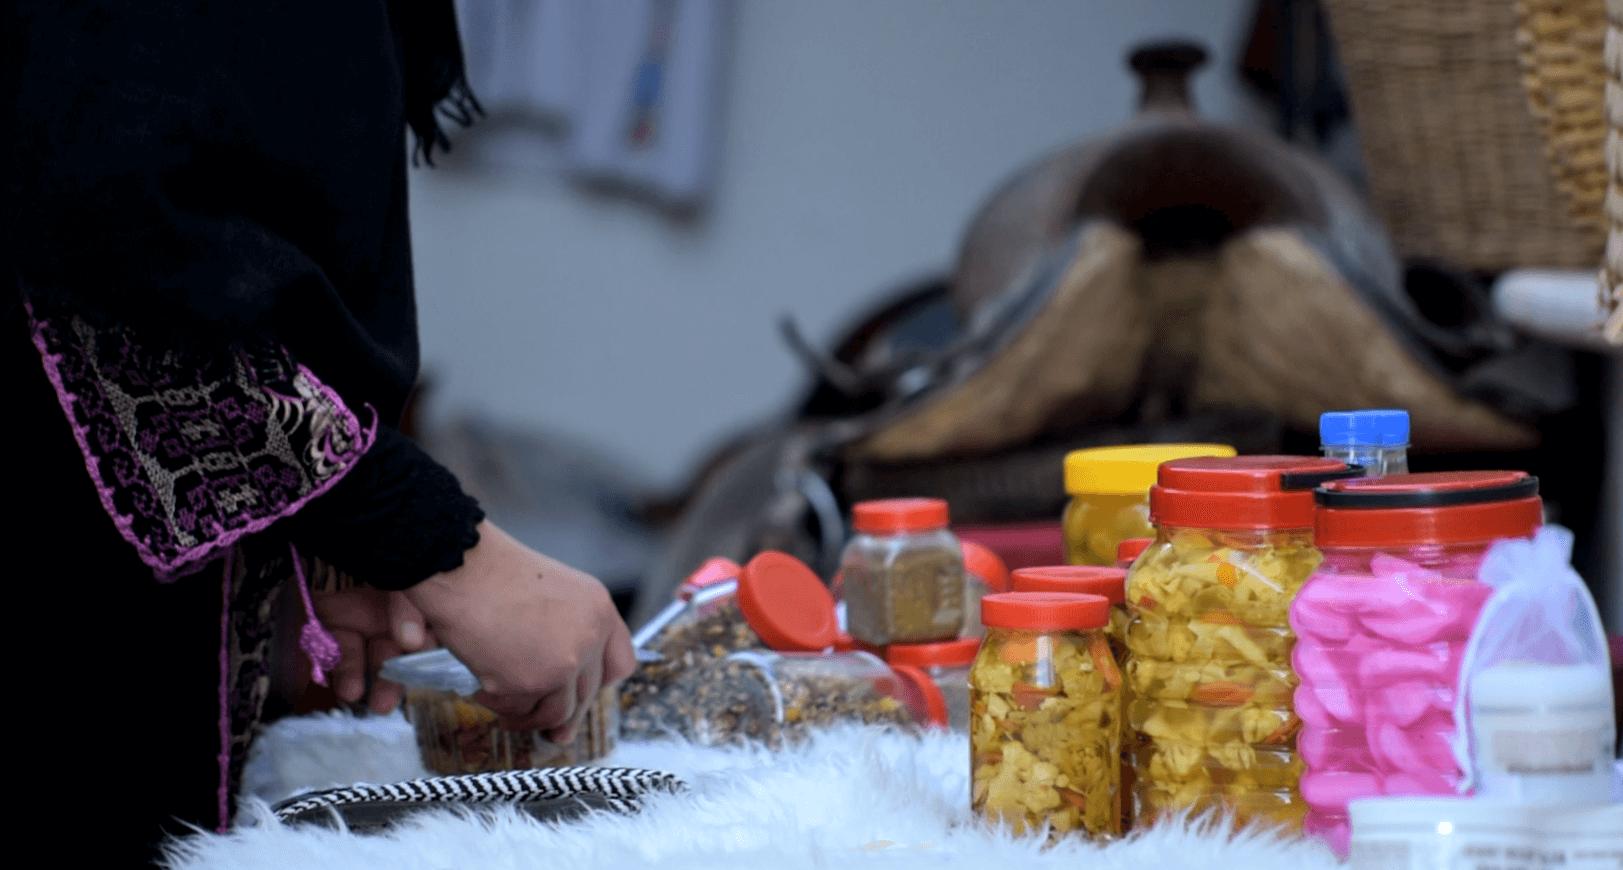 אירוח אוכל בדואי מסורתי רהט ג'ולייט בדר